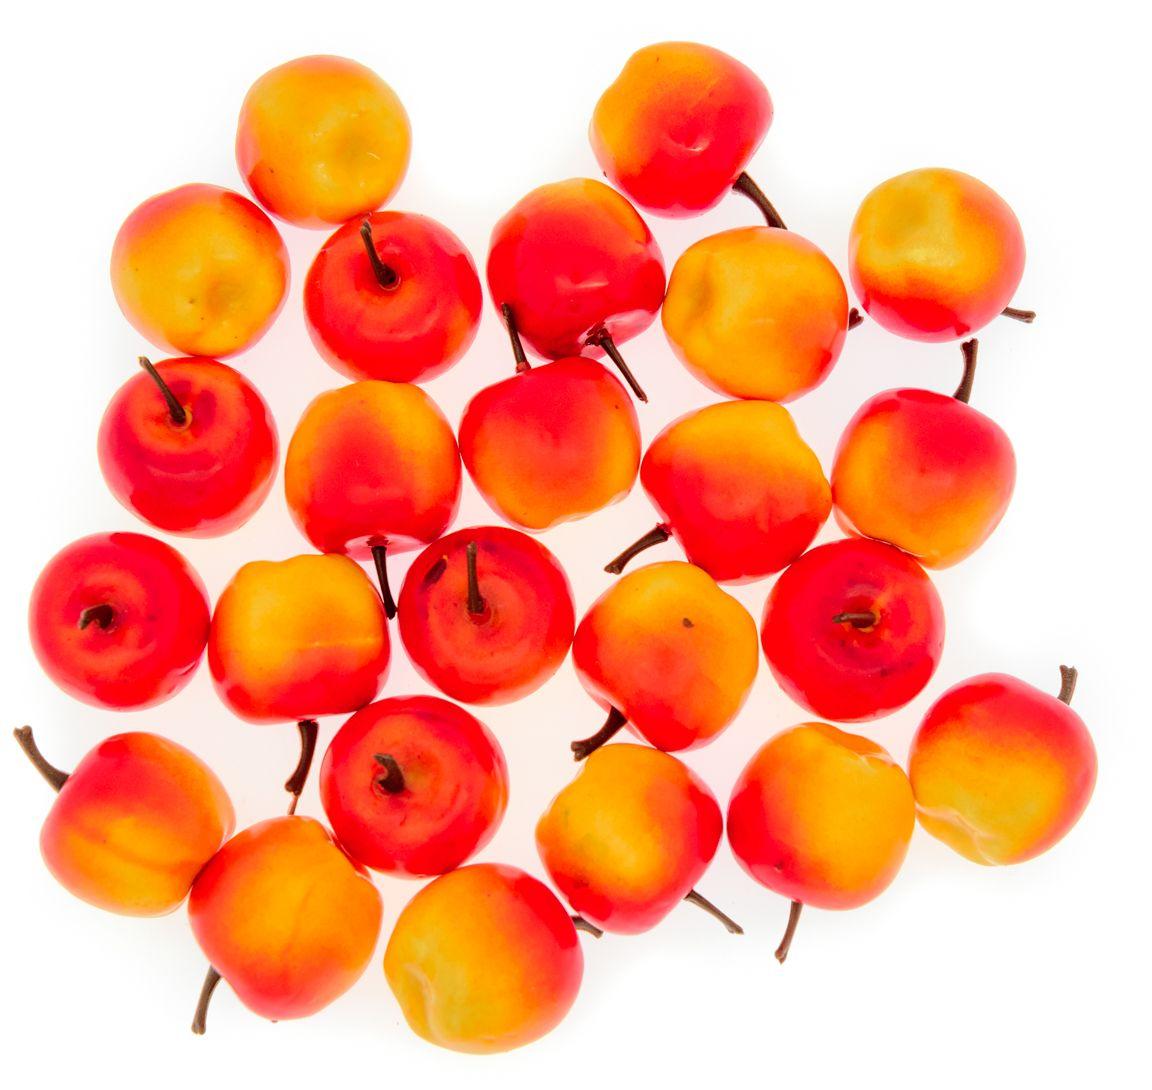 Анданте Счетный материал Яблочки 24 элемента 282756 яблочки пятки купить